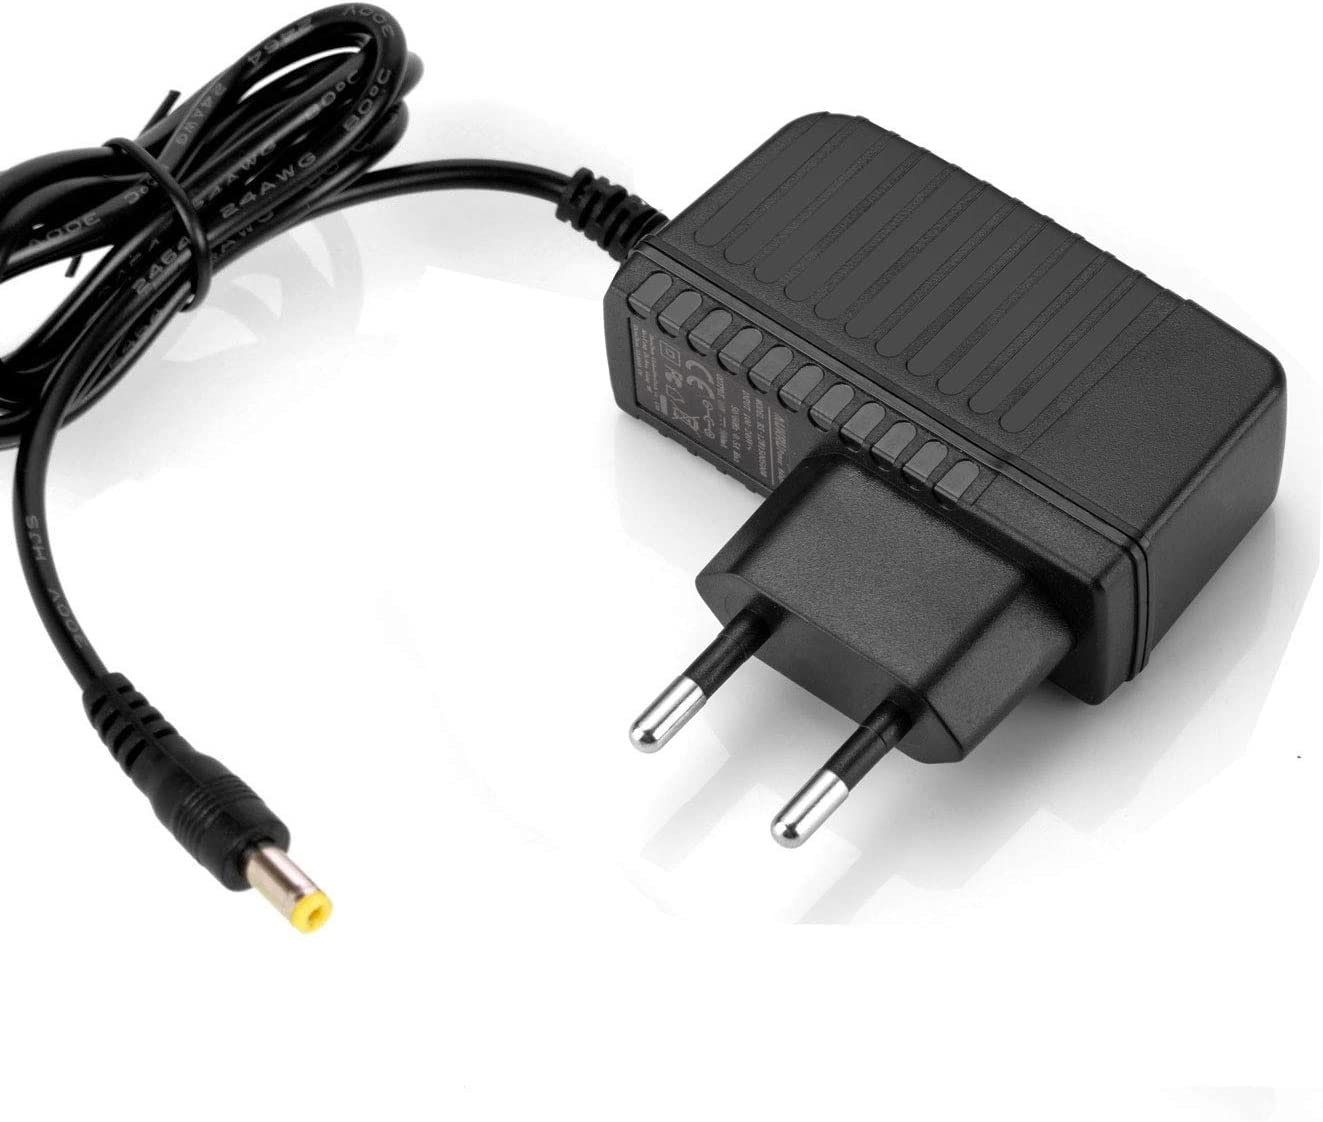 MyVolts Chargeur//Alimentation 9V Compatible avec Casio CTK-401 Clavier Adaptateur Secteur Prise fran/çaise